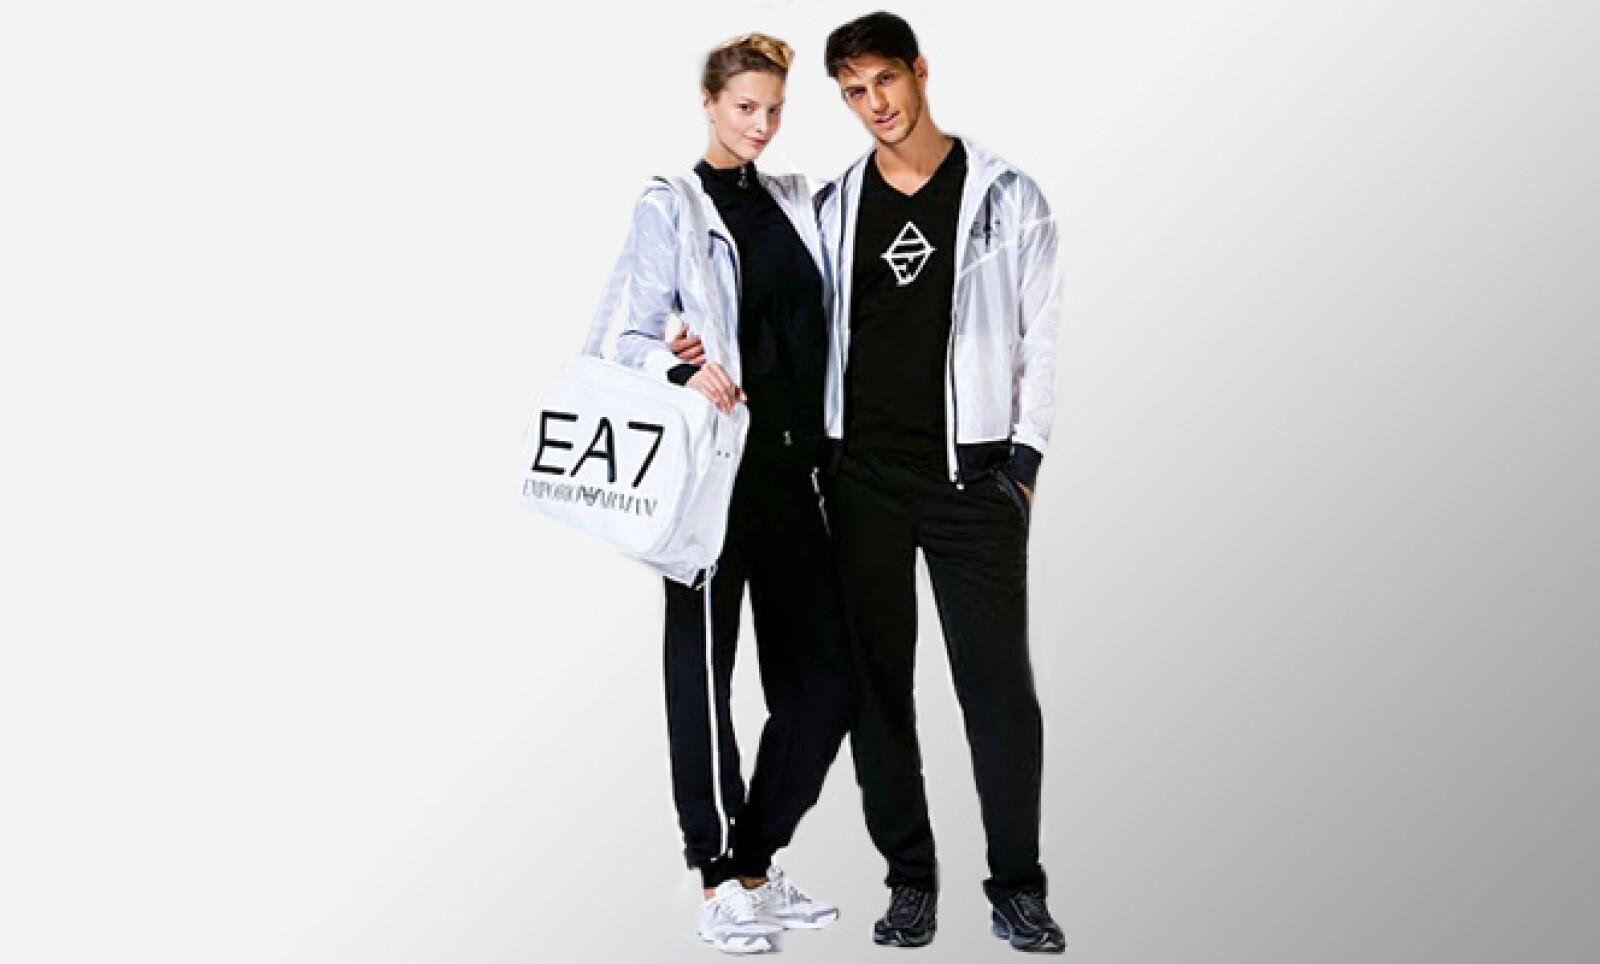 La firma de ropa Armani presentó su nueva colección Sportwear '11, en donde existen opciones para ambos sexos para mantener tu estilo aún cuando haces ejercicio.